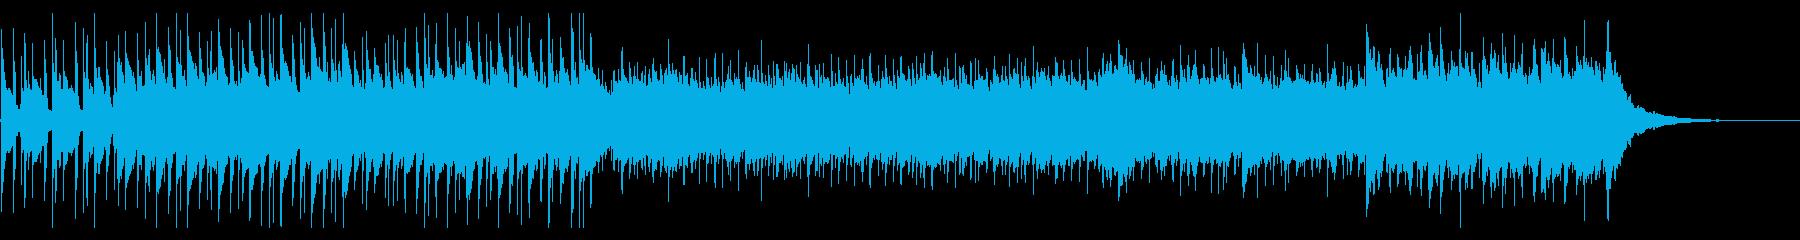 ウクレレEDM企業VP会社紹介 1分の再生済みの波形